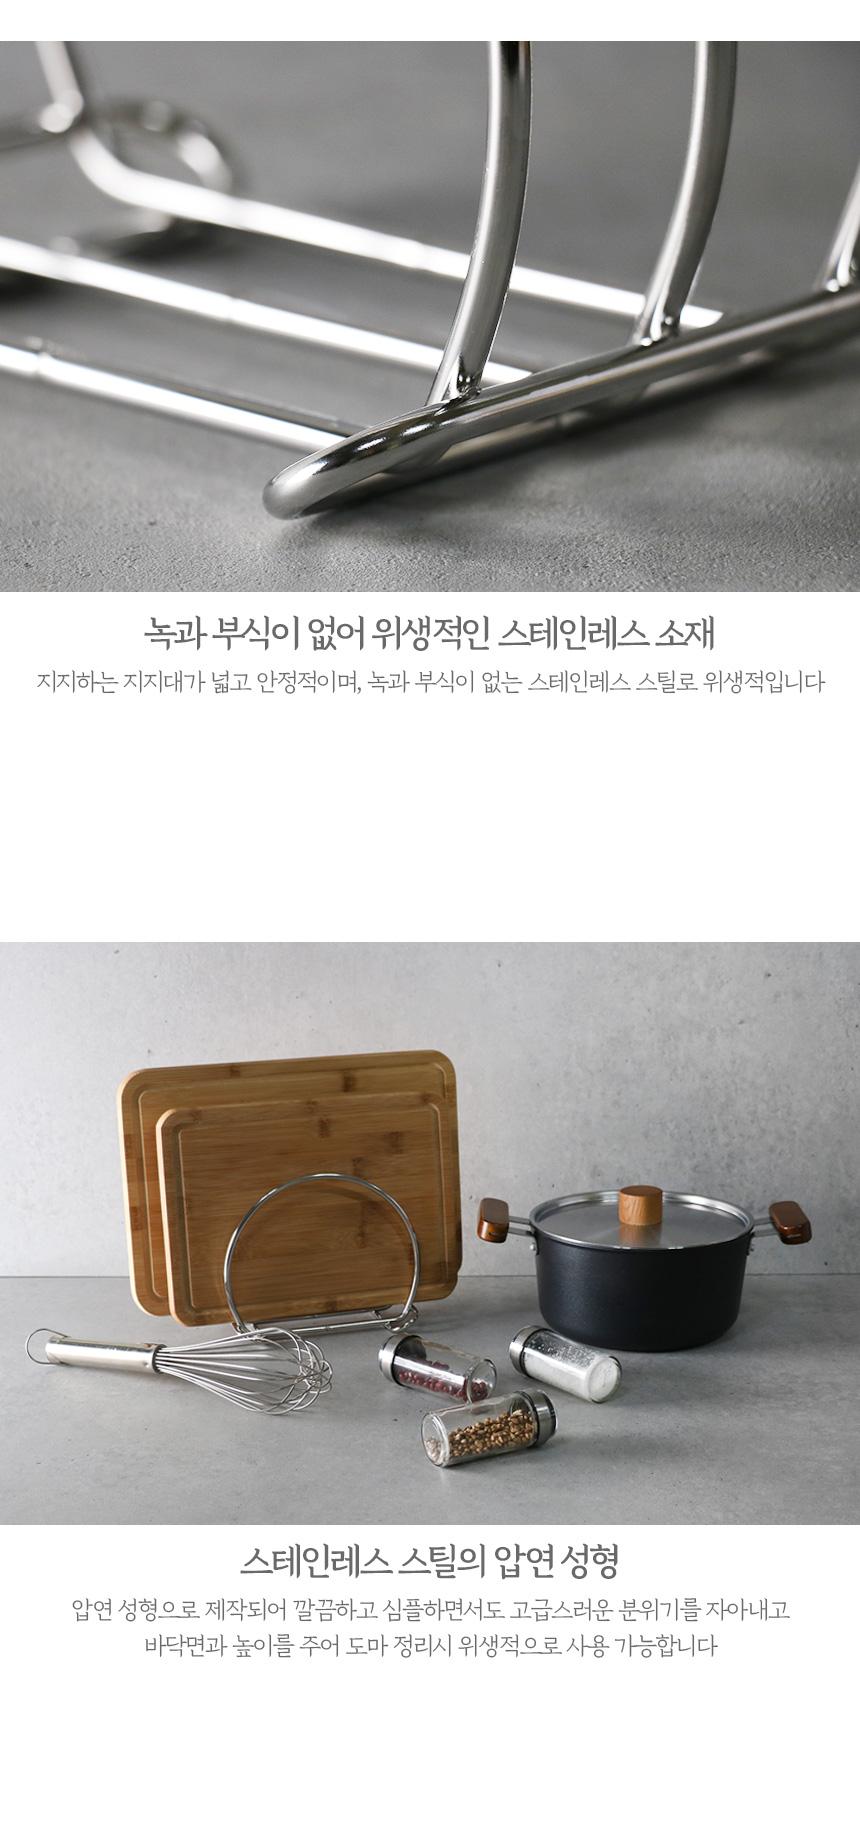 스텐 도마 거치대 도마정리대 - 키친몰링, 23,900원, 주방수납용품, 진열 보관대